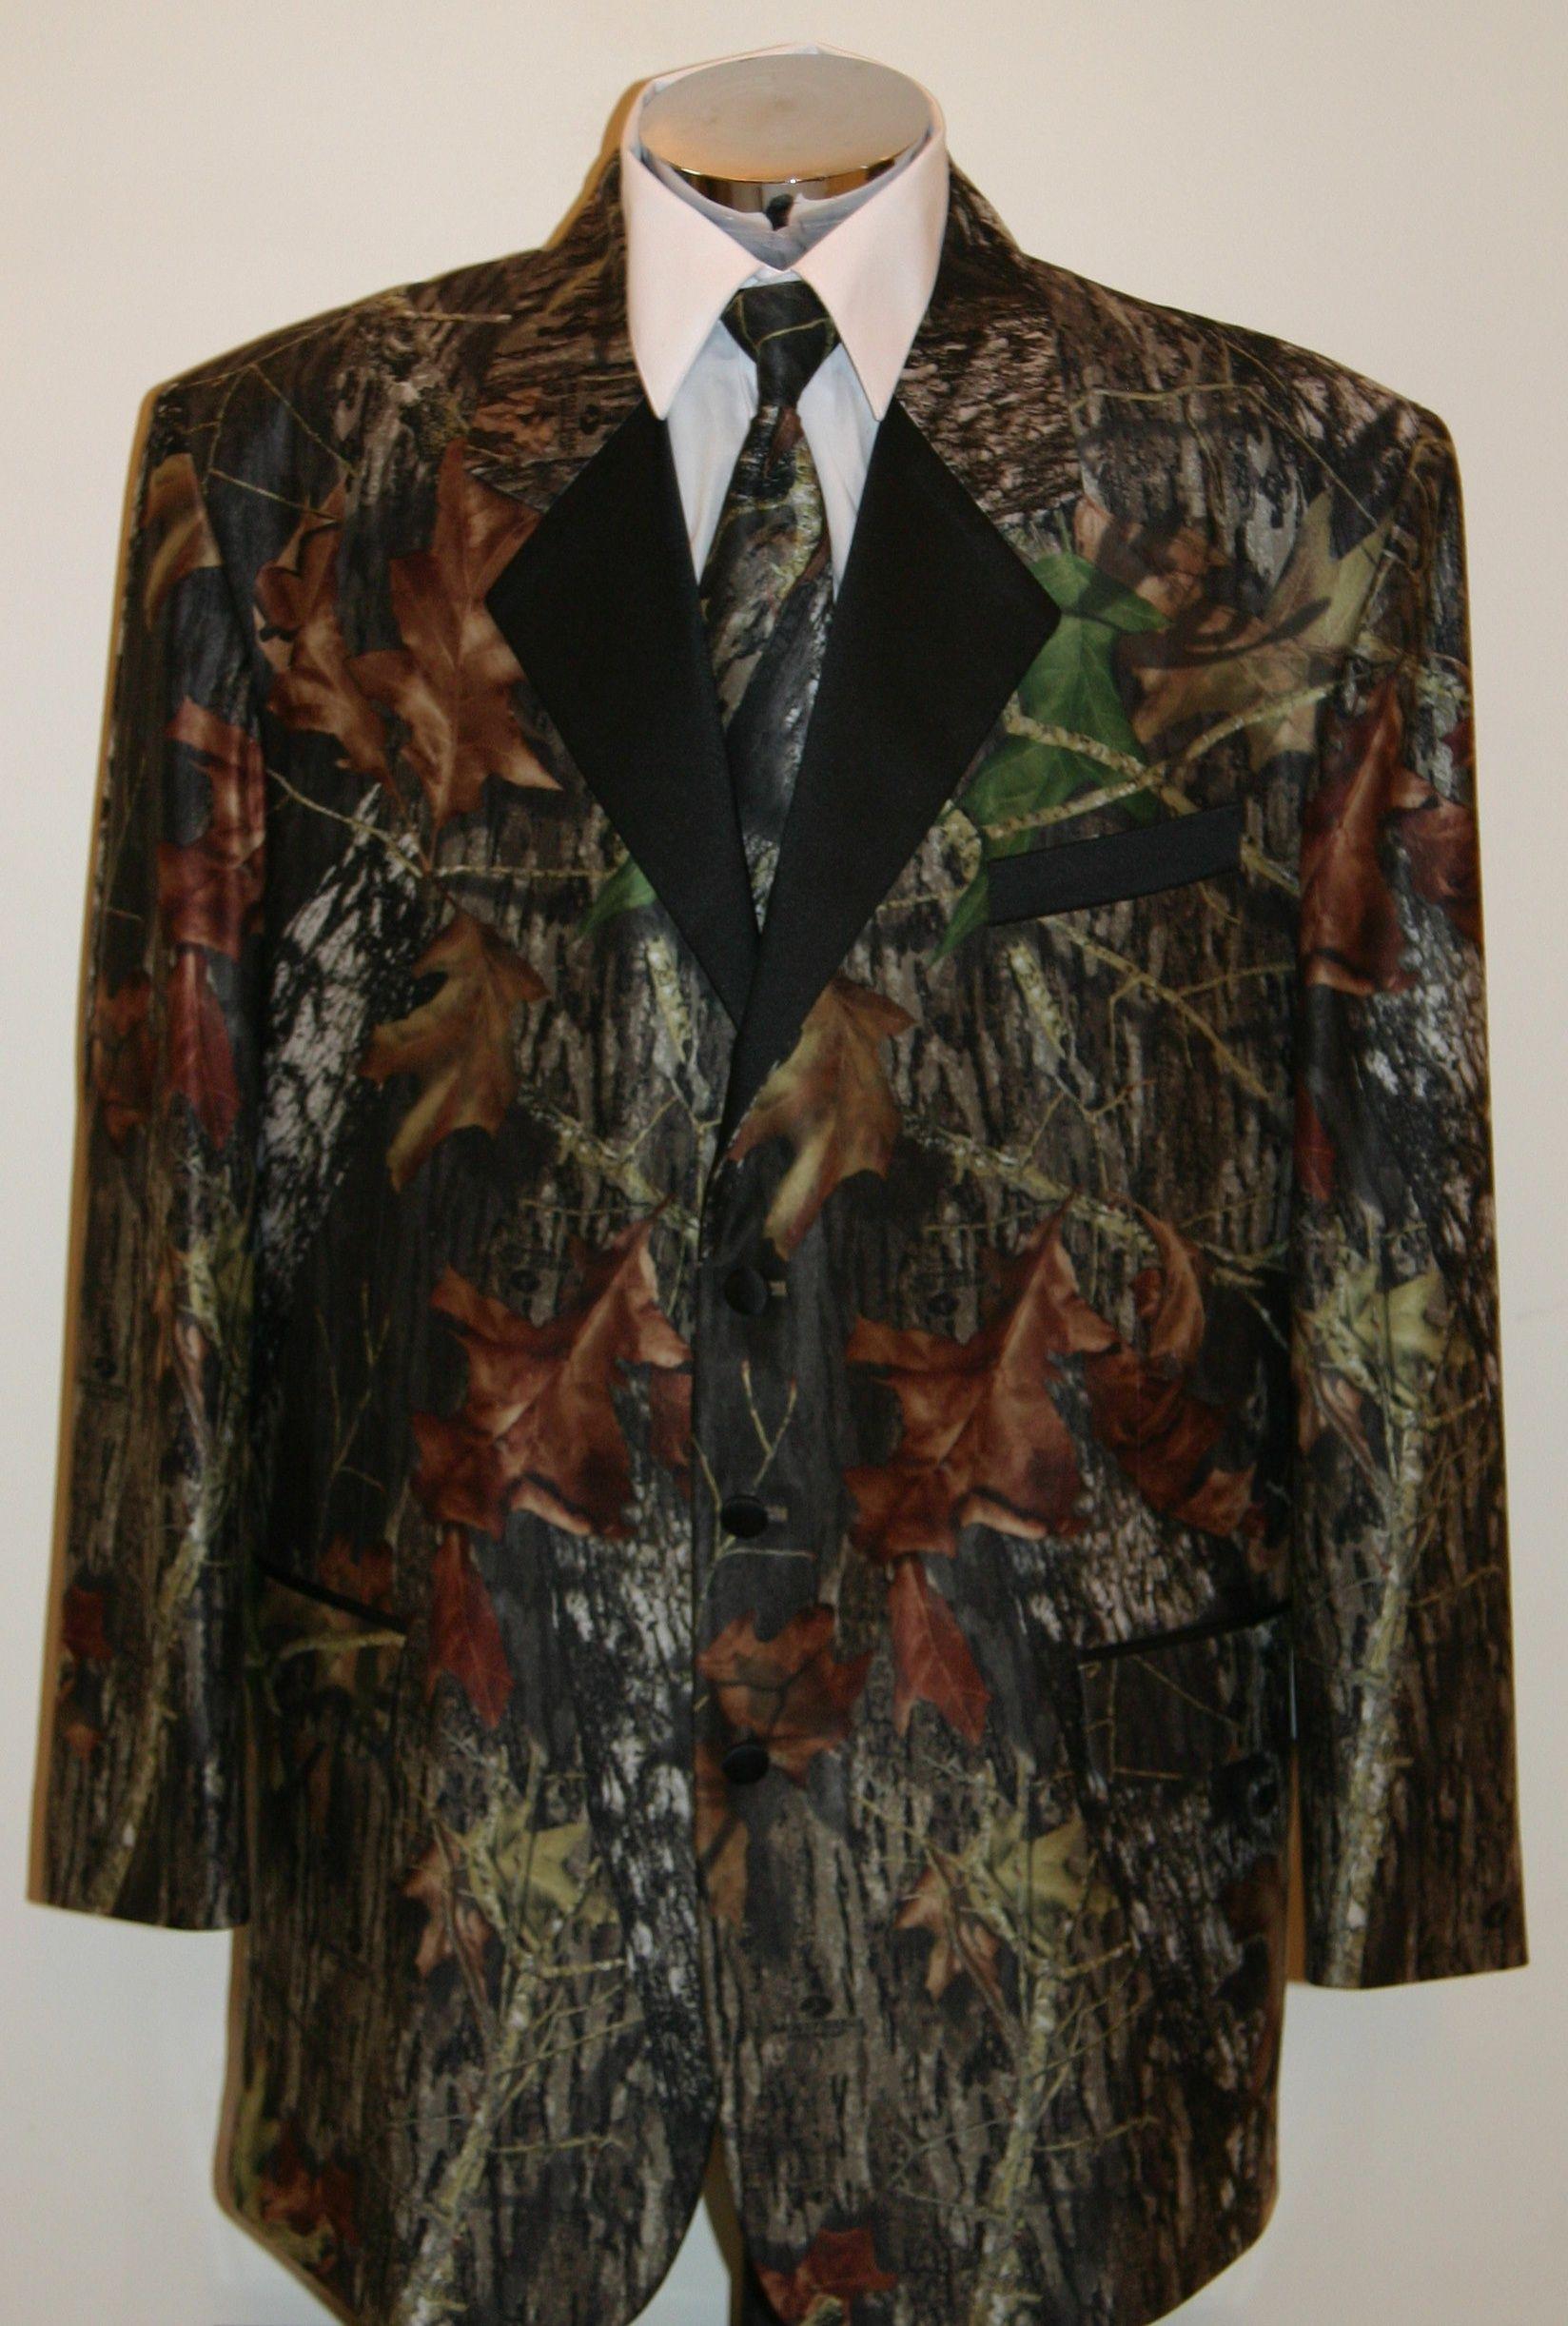 Camo Formal Suit Jacket color galleryfind camo dressnew